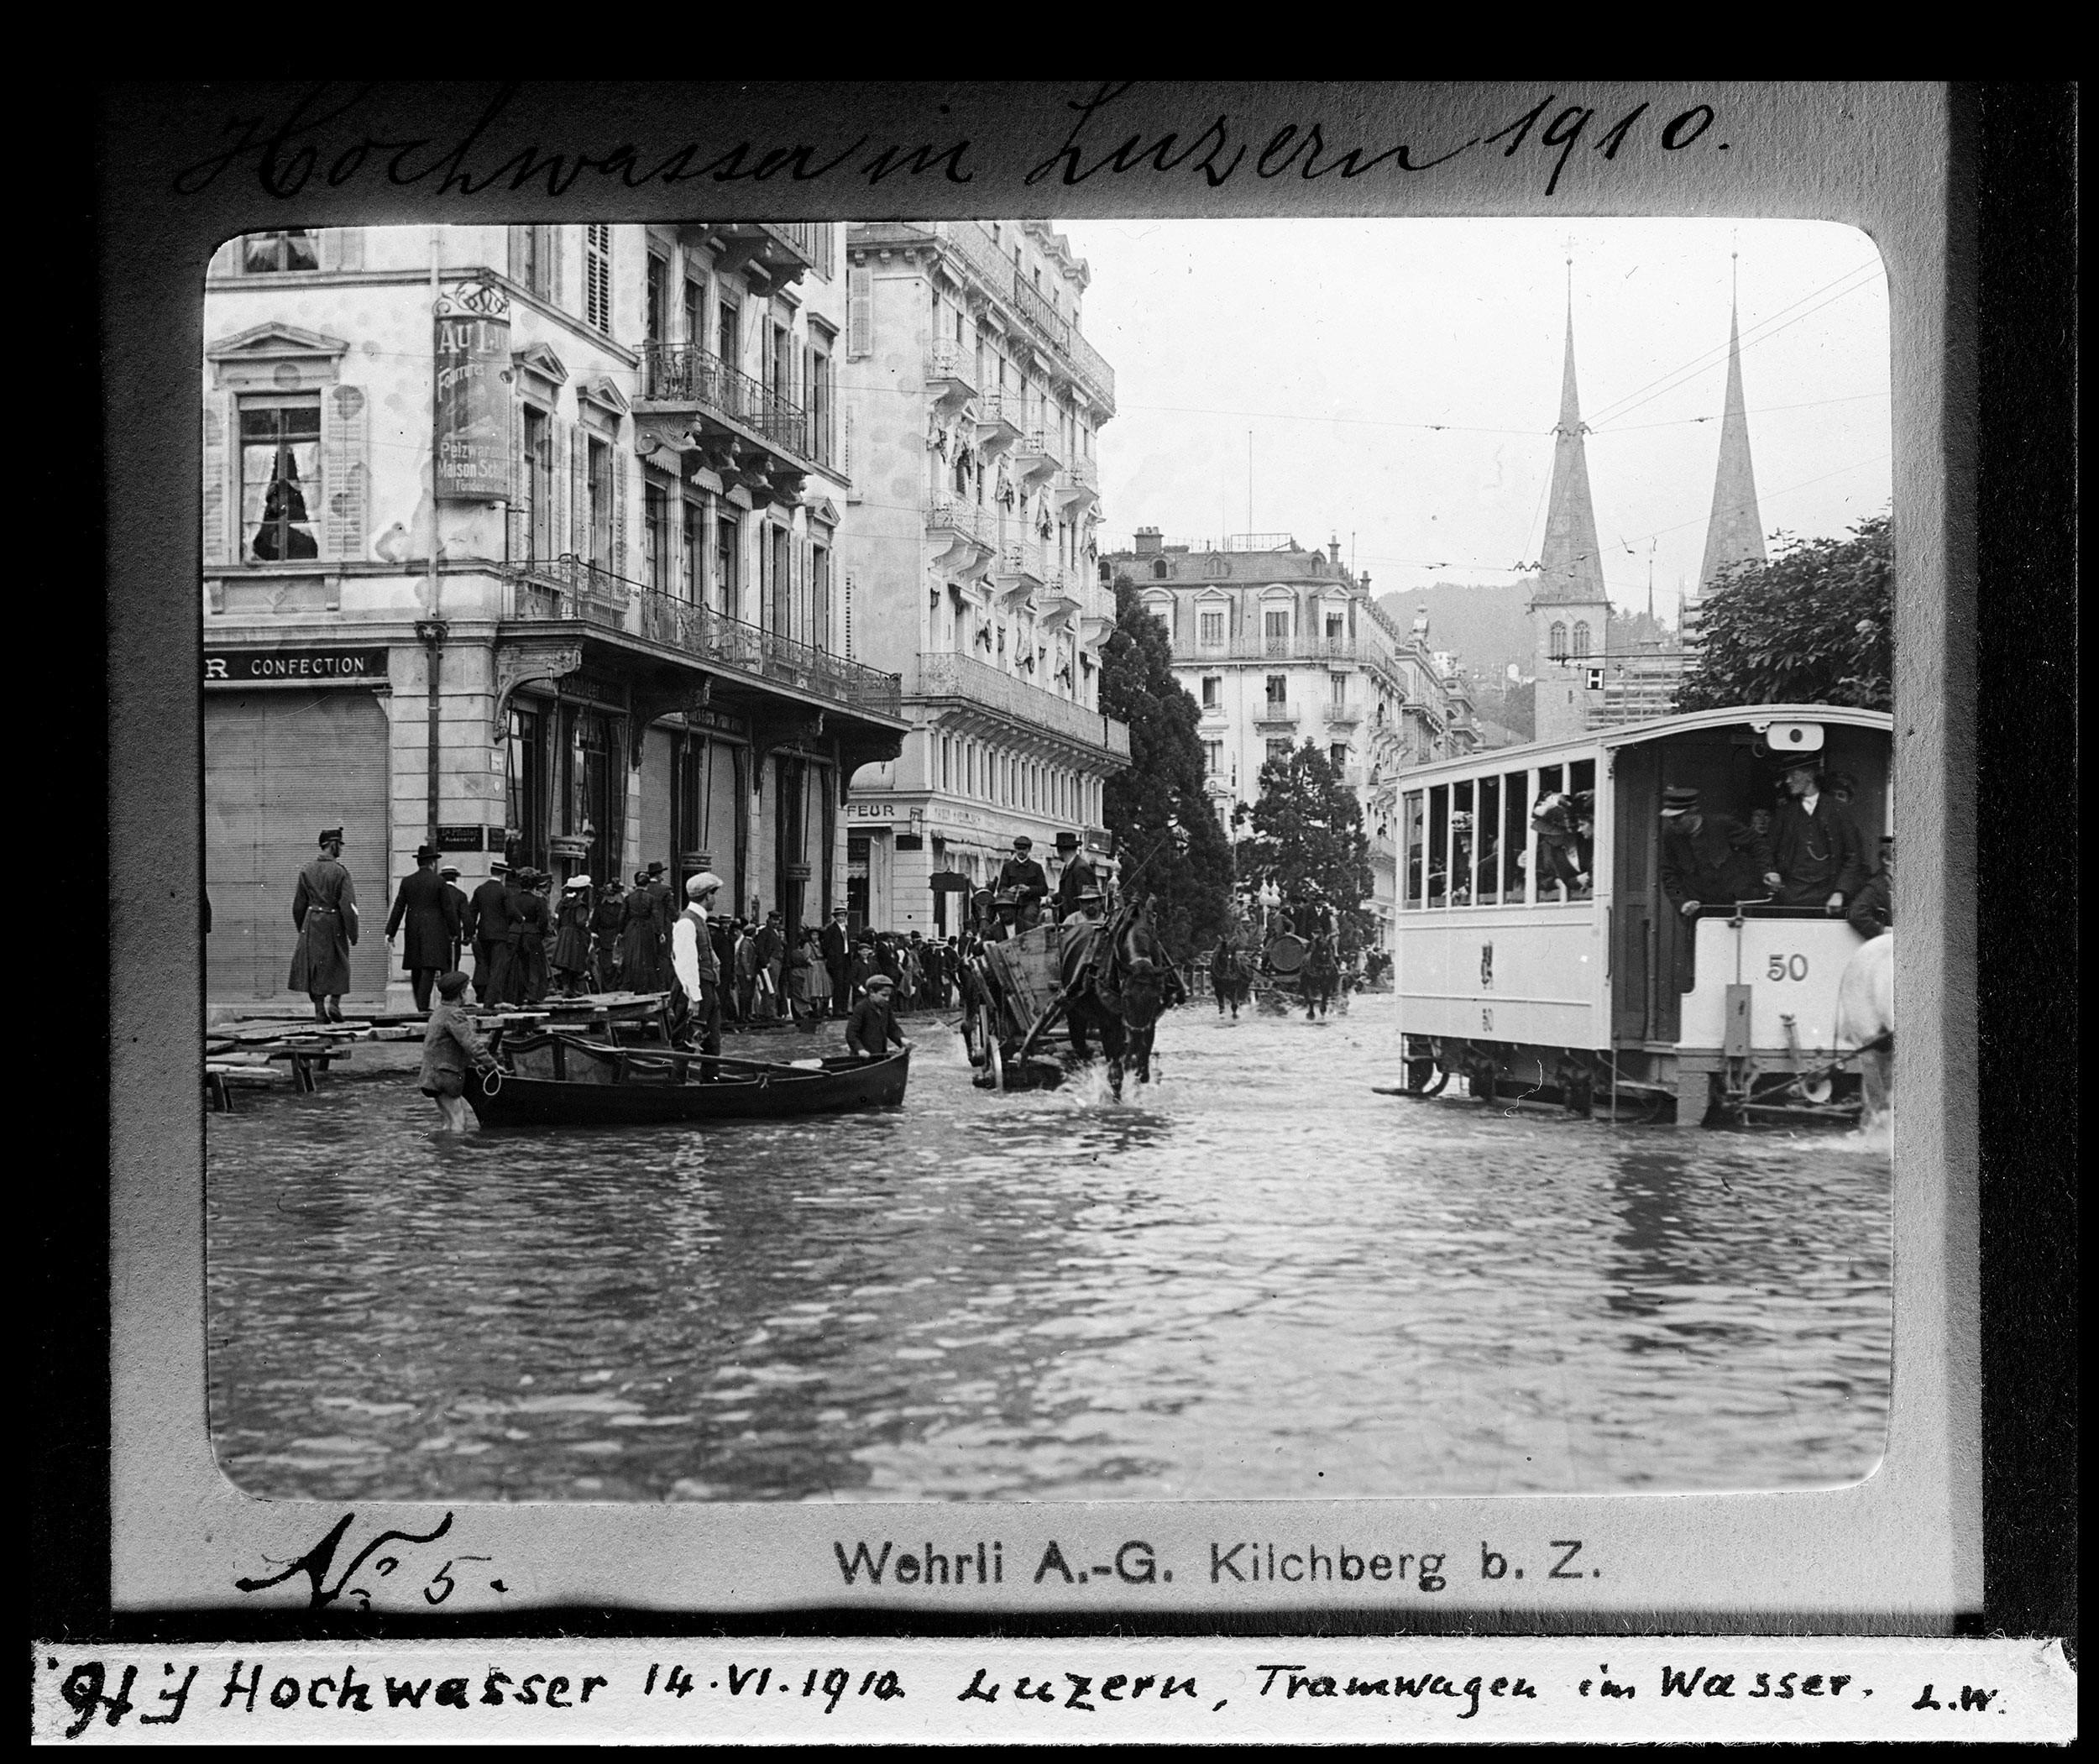 Hochwasser von 1910, Luzern